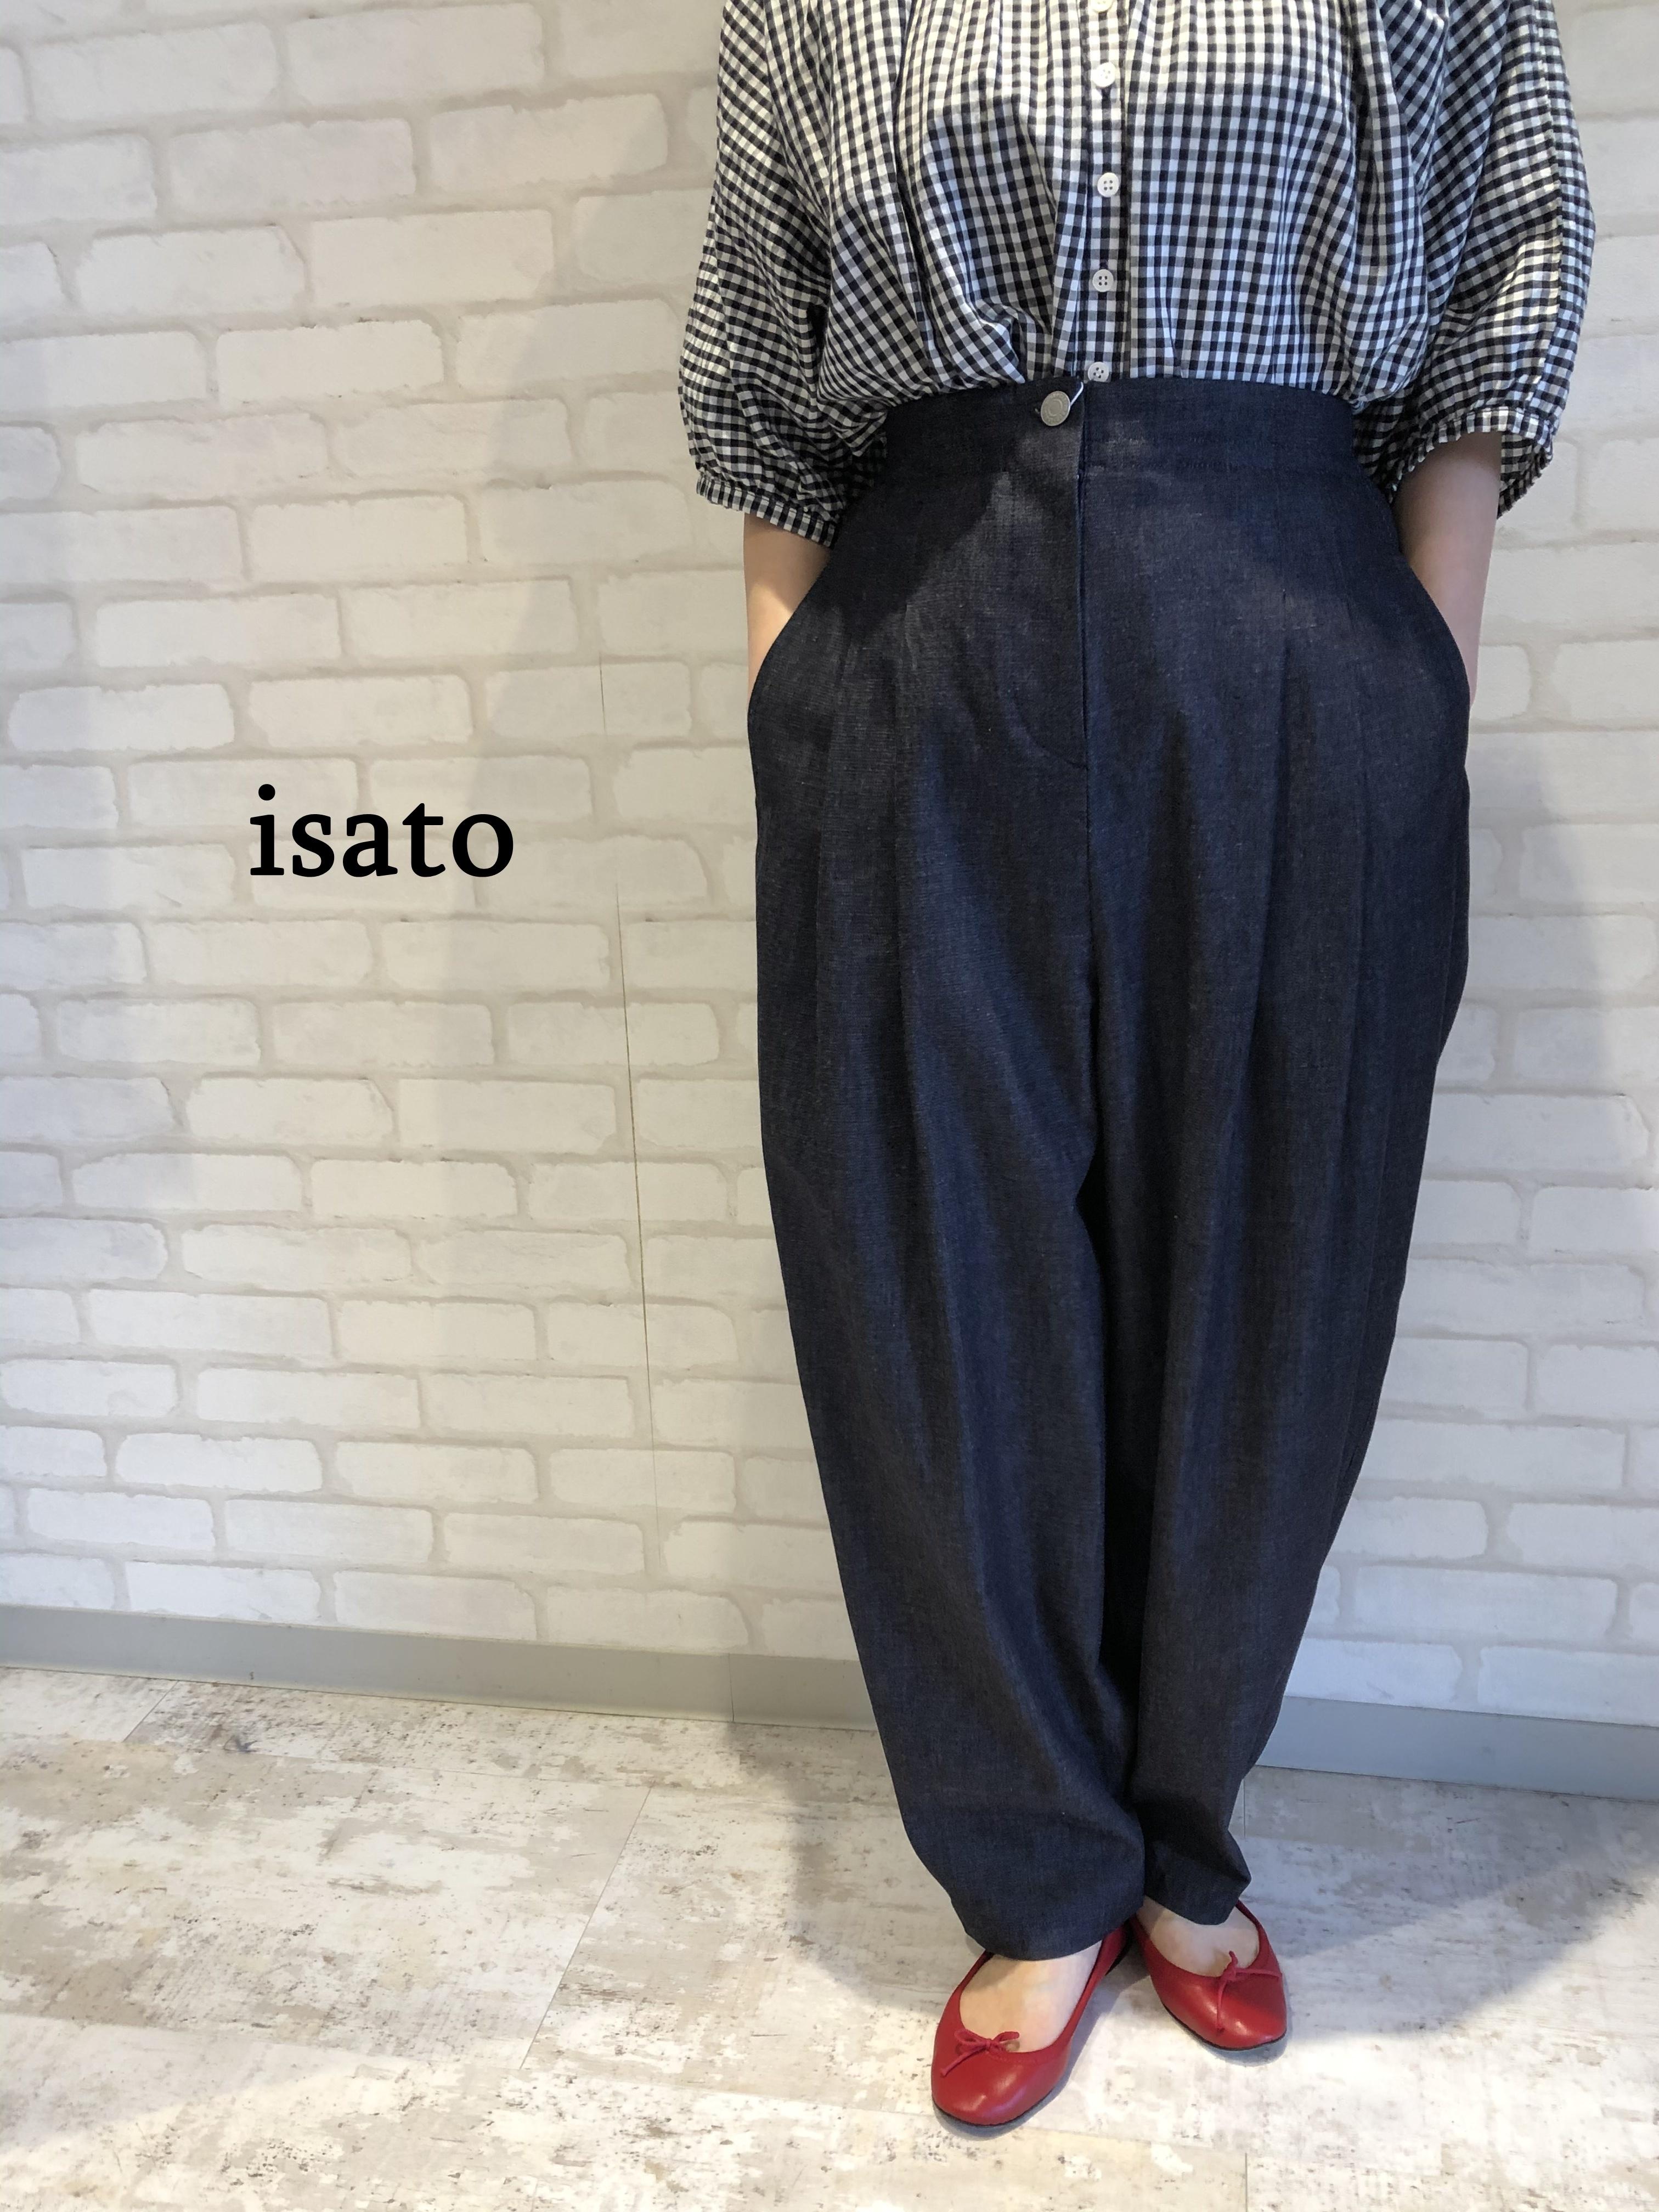 isato/IS-P-042A/ビッグシルエットデニムパンツ